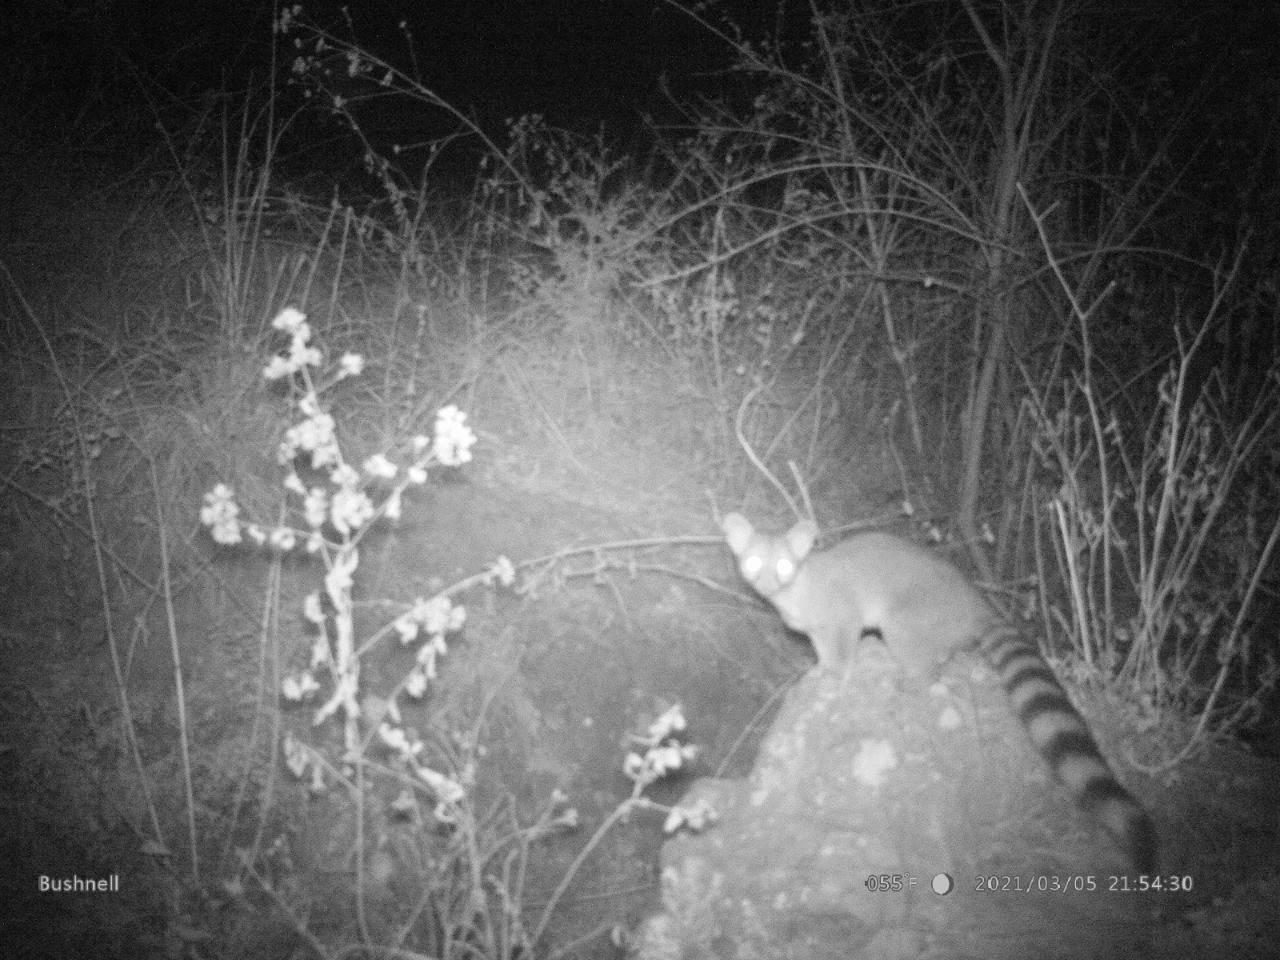 Entre las especies localizadas en el Parque Cerro del Amalucan también detectaron un cacomixtle.